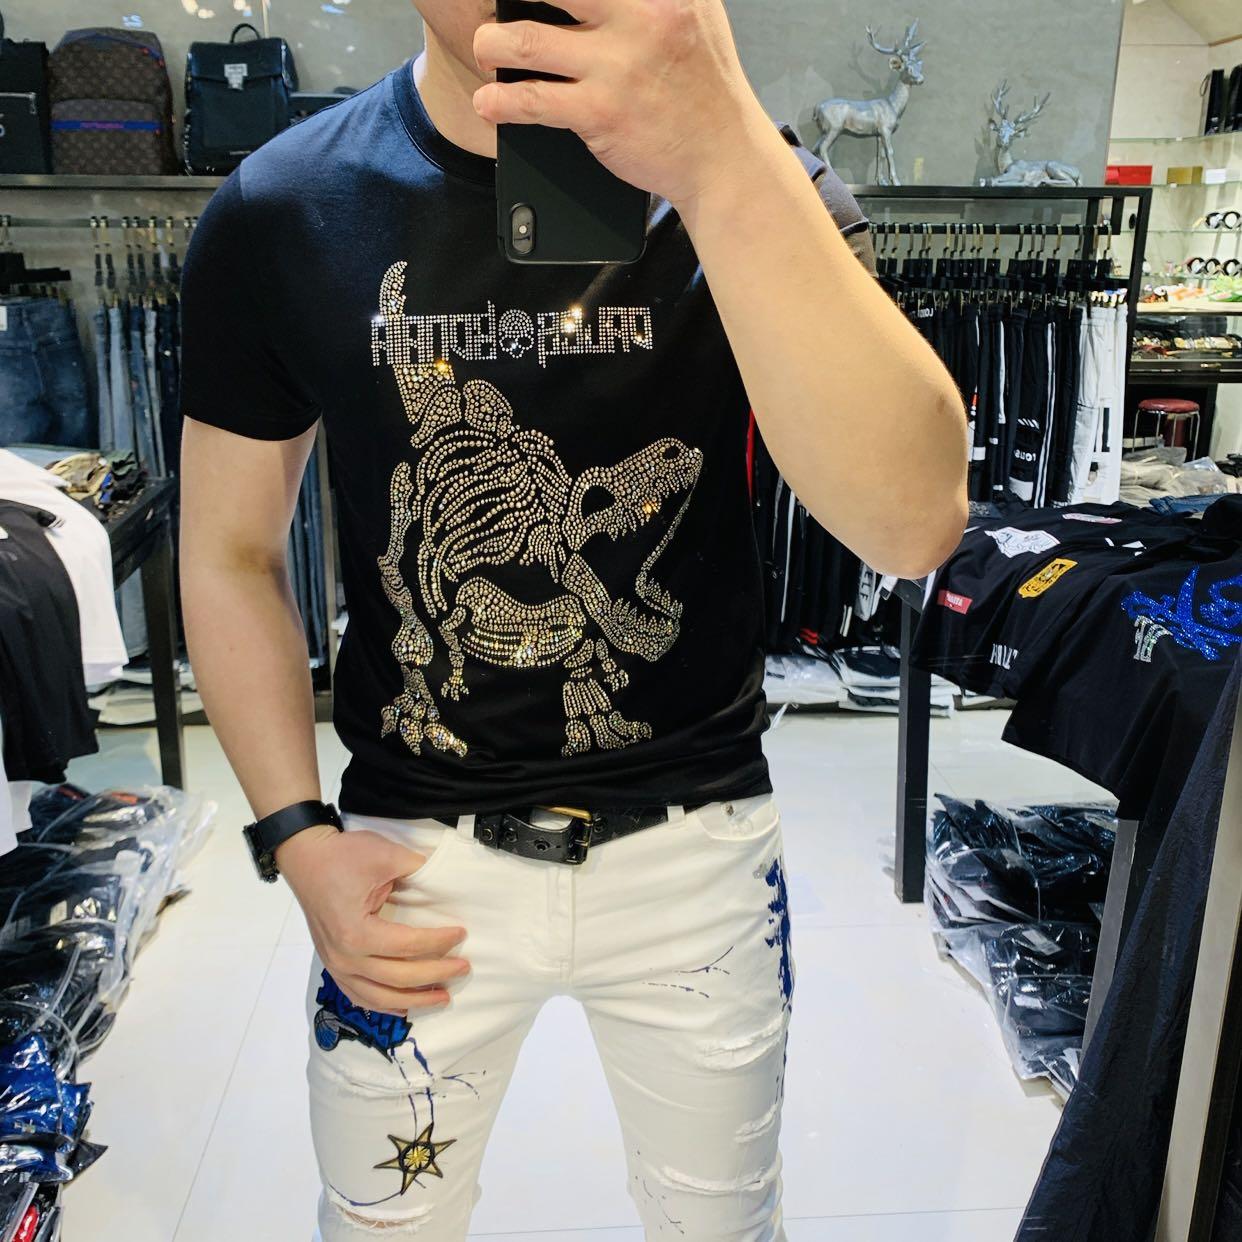 帝哲尼2019夏季新款欧洲站烫钻流行丝光棉T恤男抖音红人同款短袖